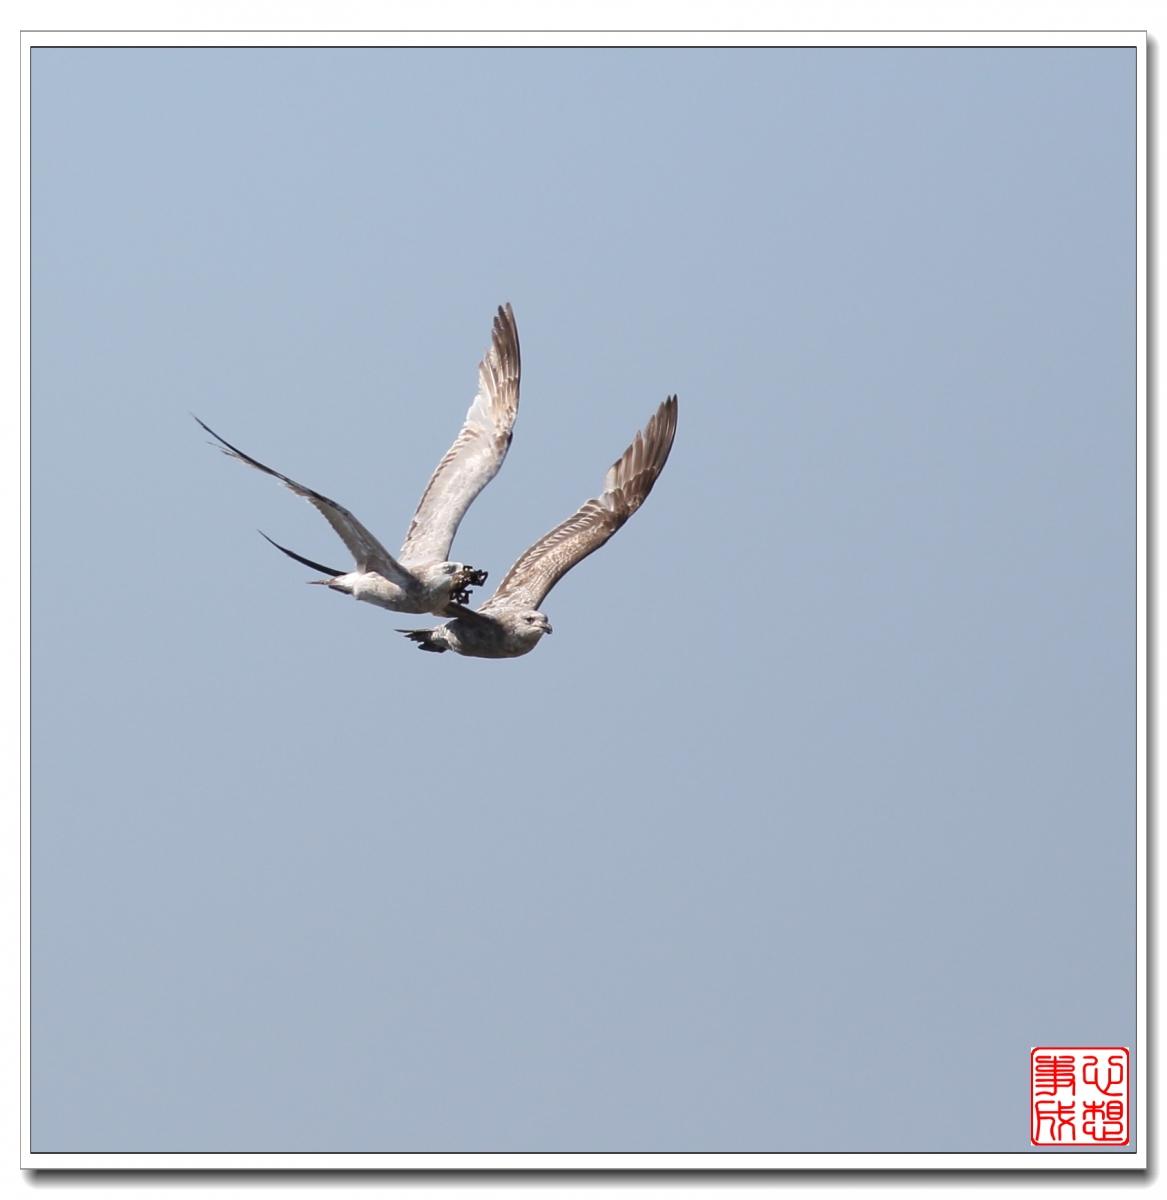 【心想事成】空中表演-海鸥_图1-2